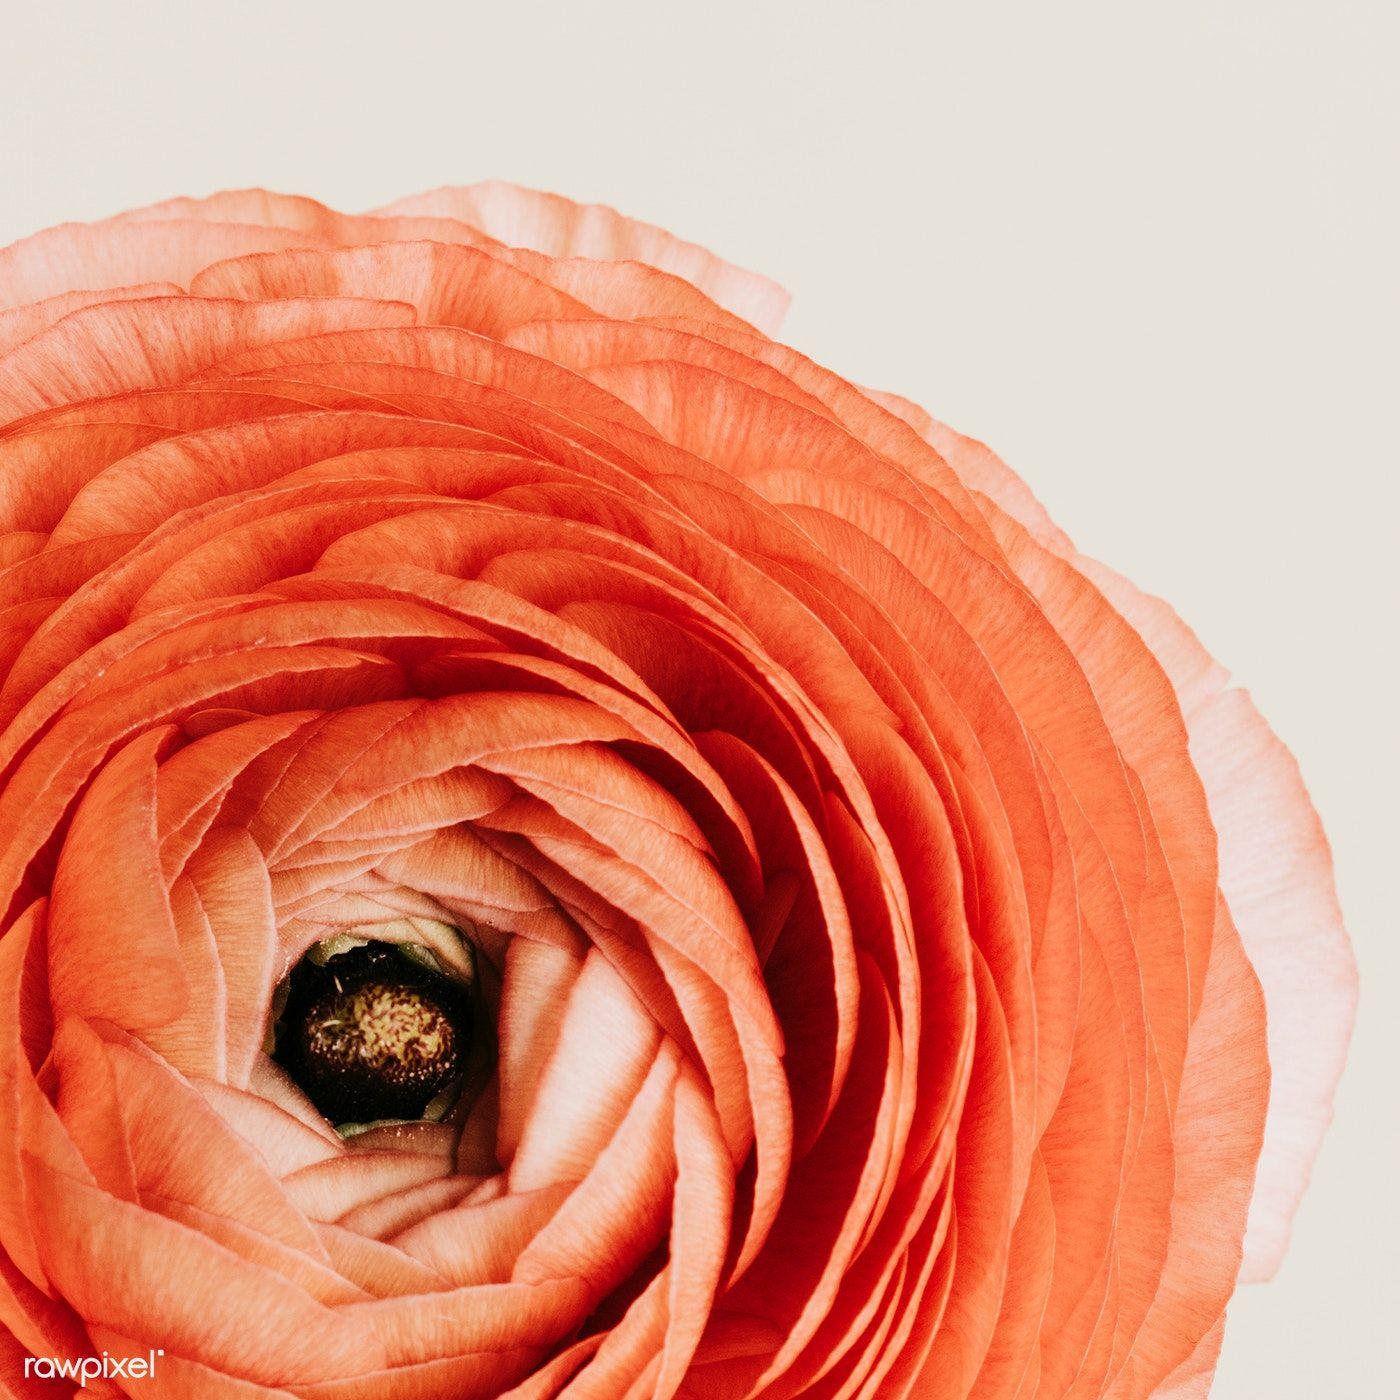 Download Premium Image Of Blooming Pink Ranunculus Flower 2273548 In 2020 Flowers Pink Rose Flower Macro Photography Flowers